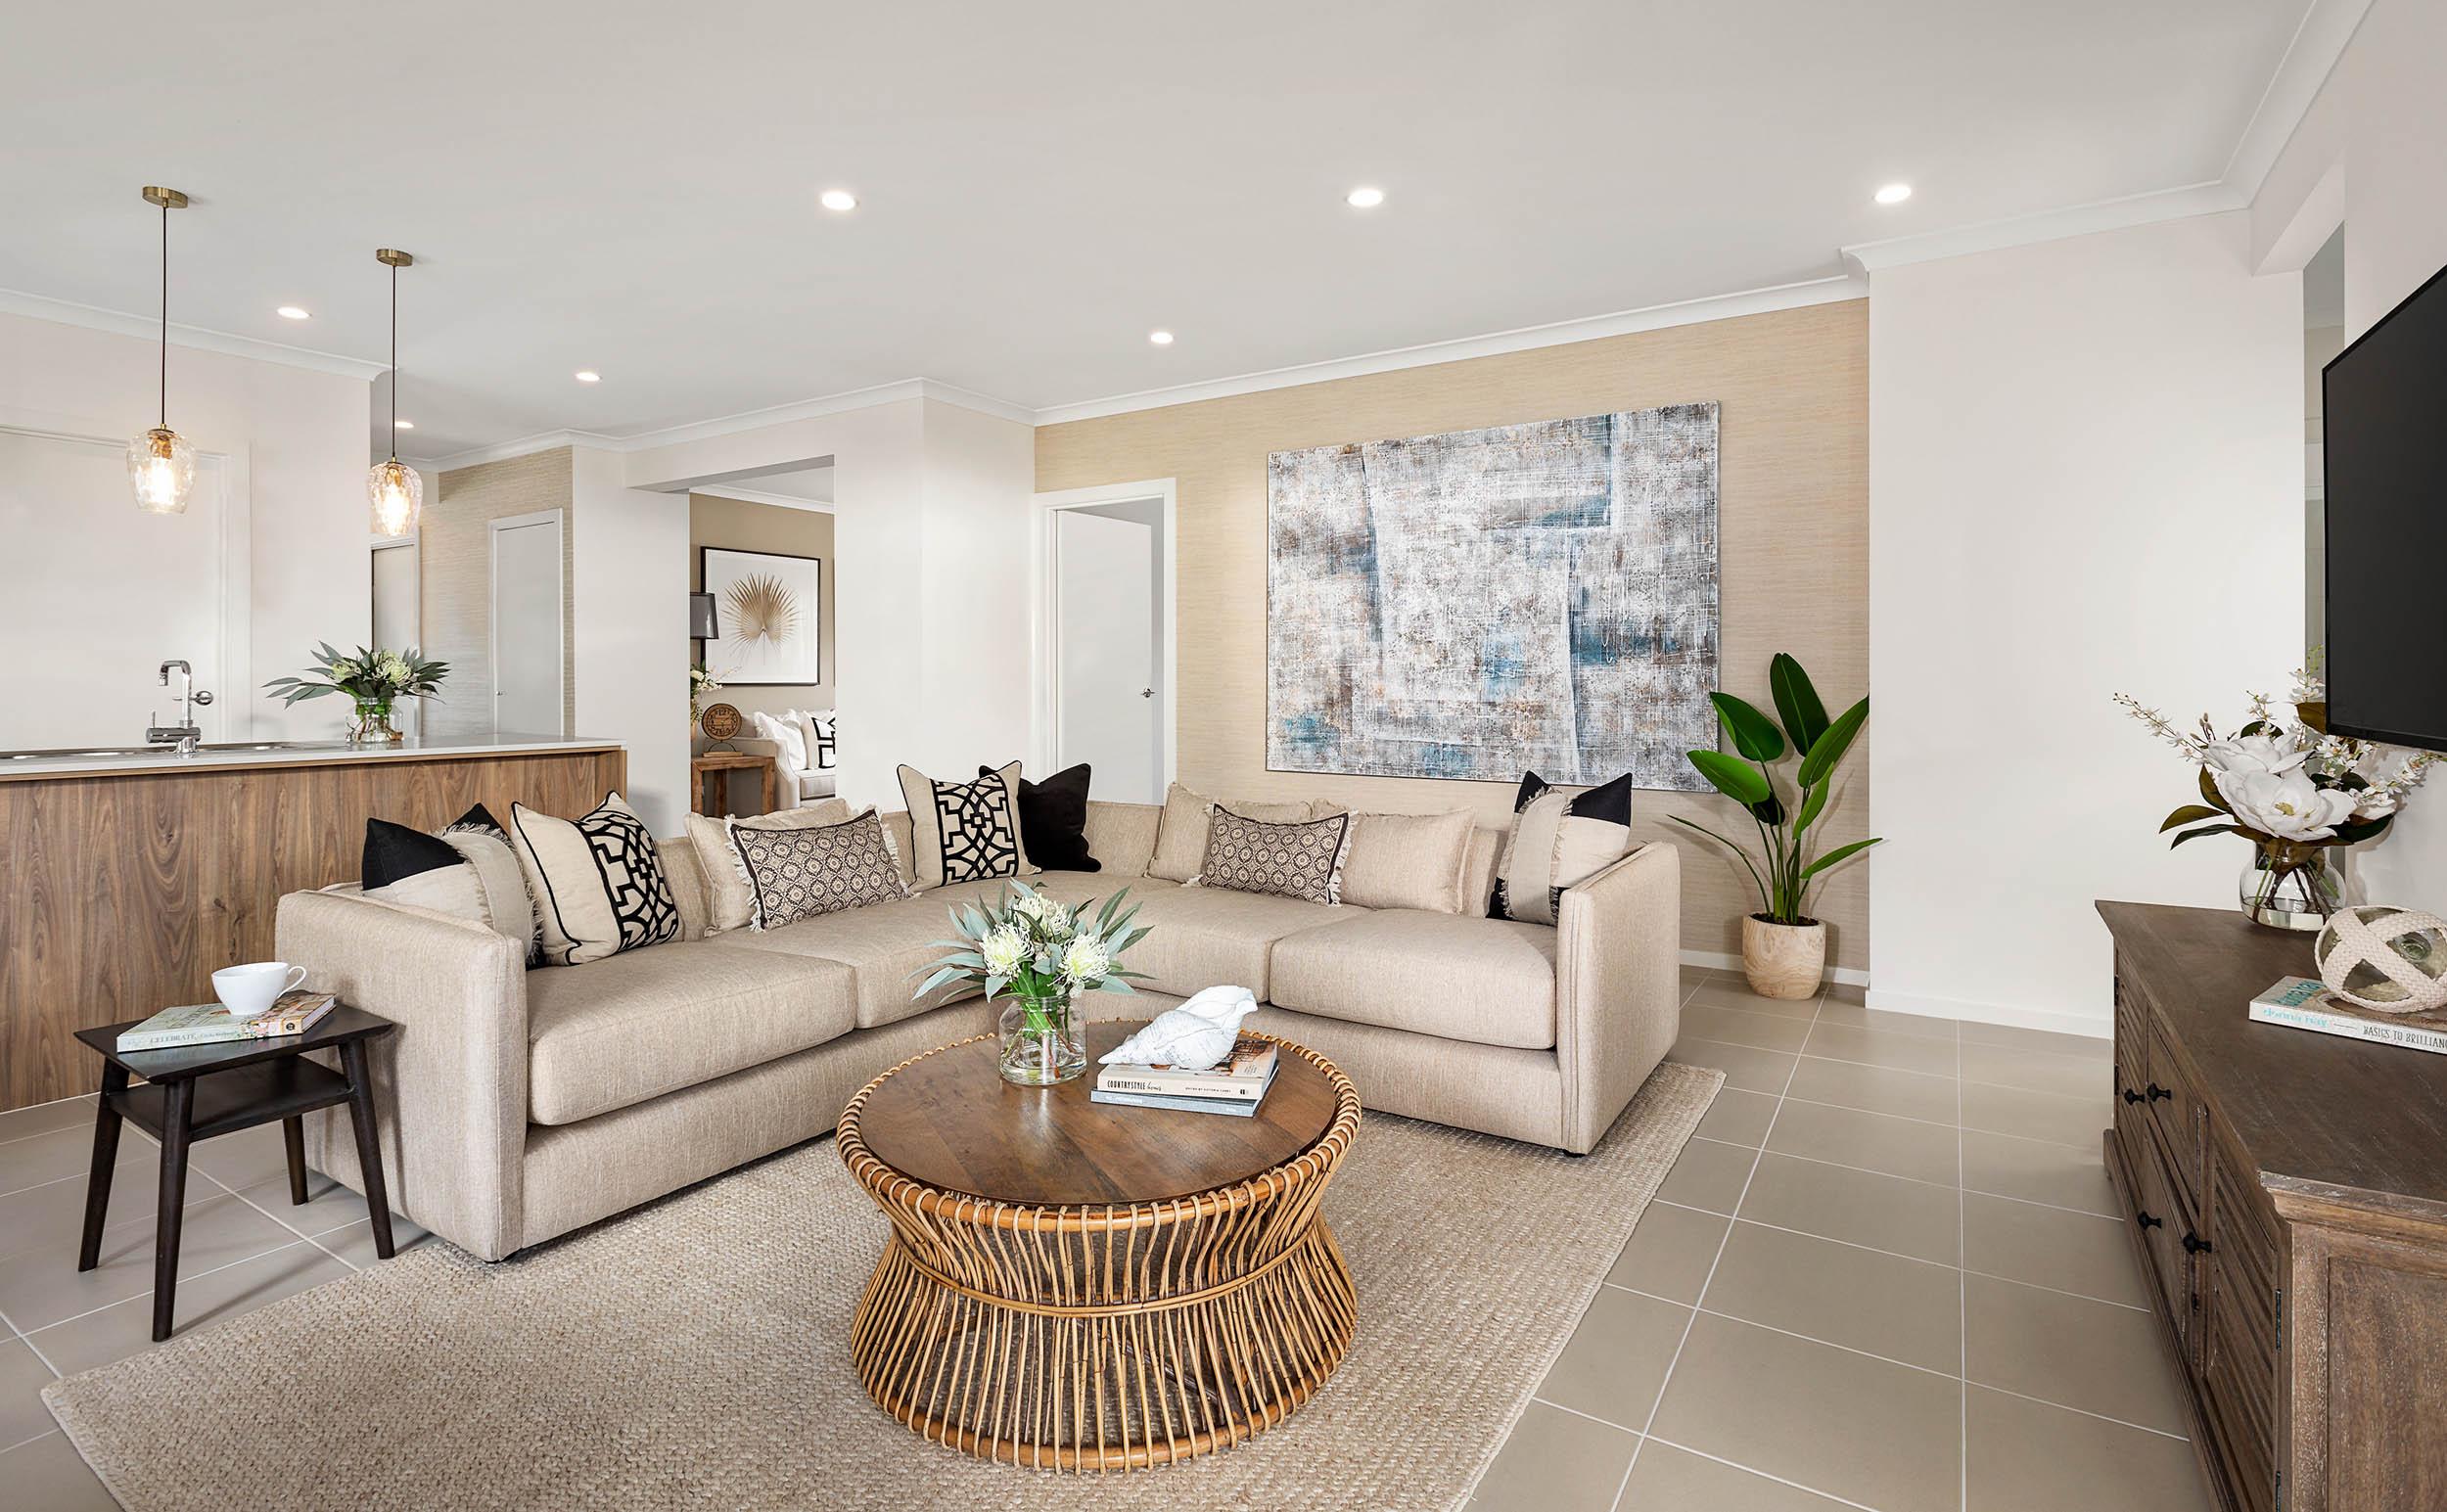 Carlisle Homes EasyLiving - Olivine Estate, Donnybrook Donnybrook (03) 8691 1519